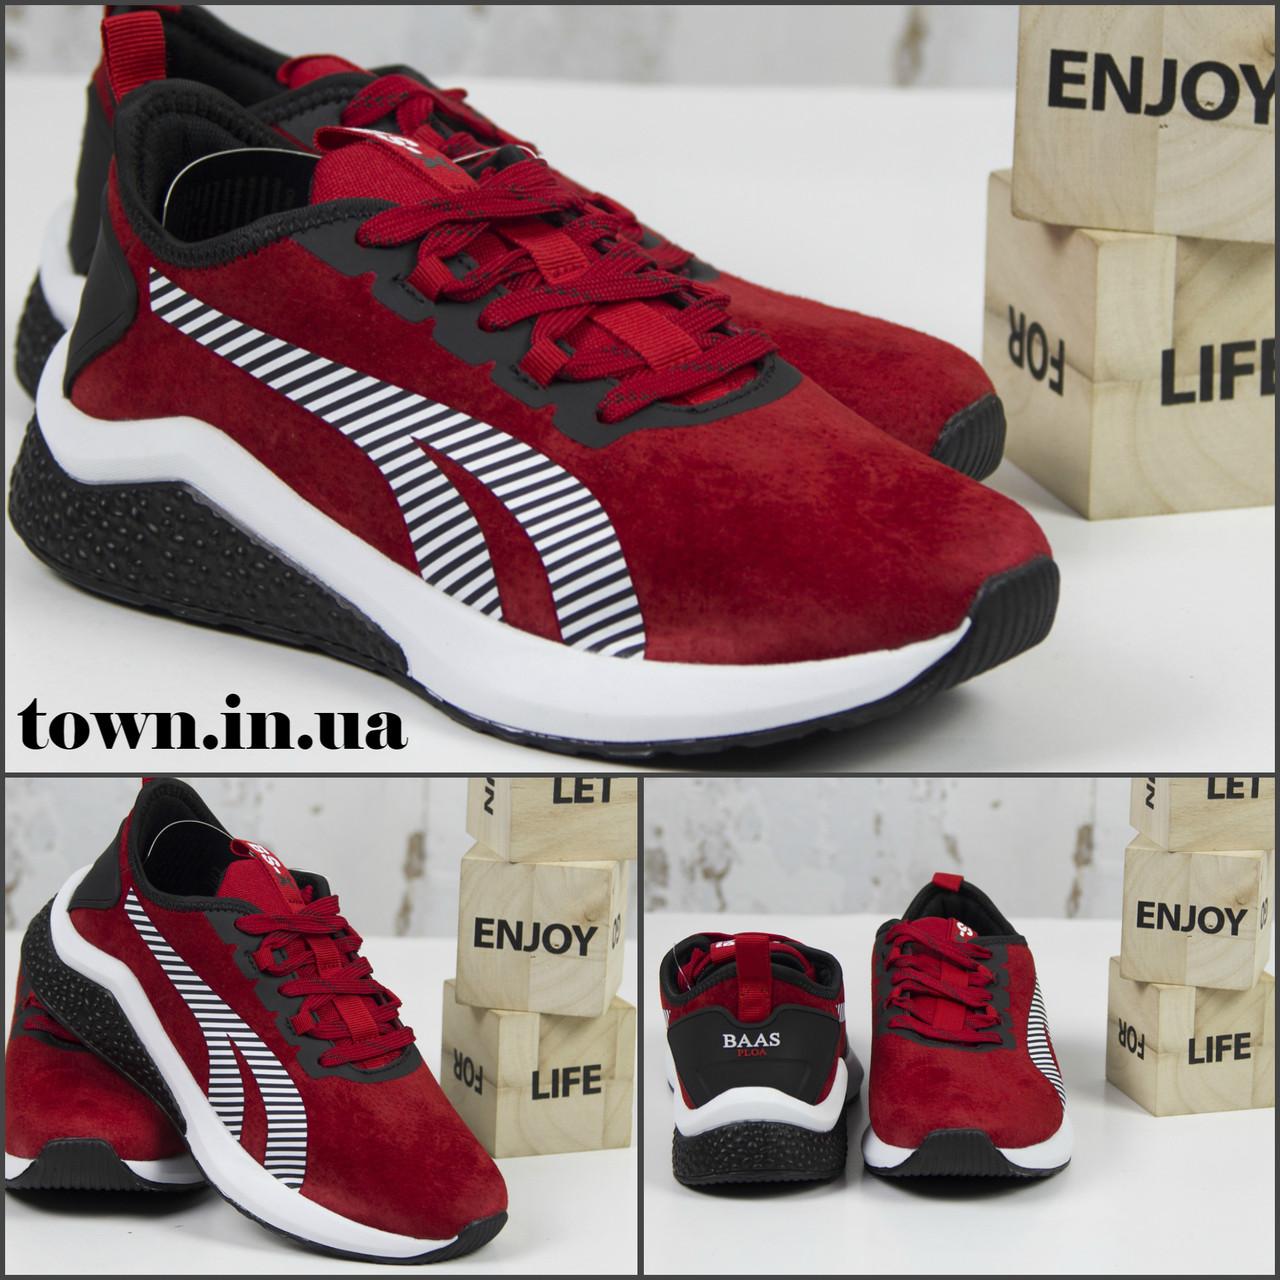 Жіночі спортивні кросівки, червоні замшеві BaaS L1611-8. Повсякденні жіночі кросівки на високій підошві